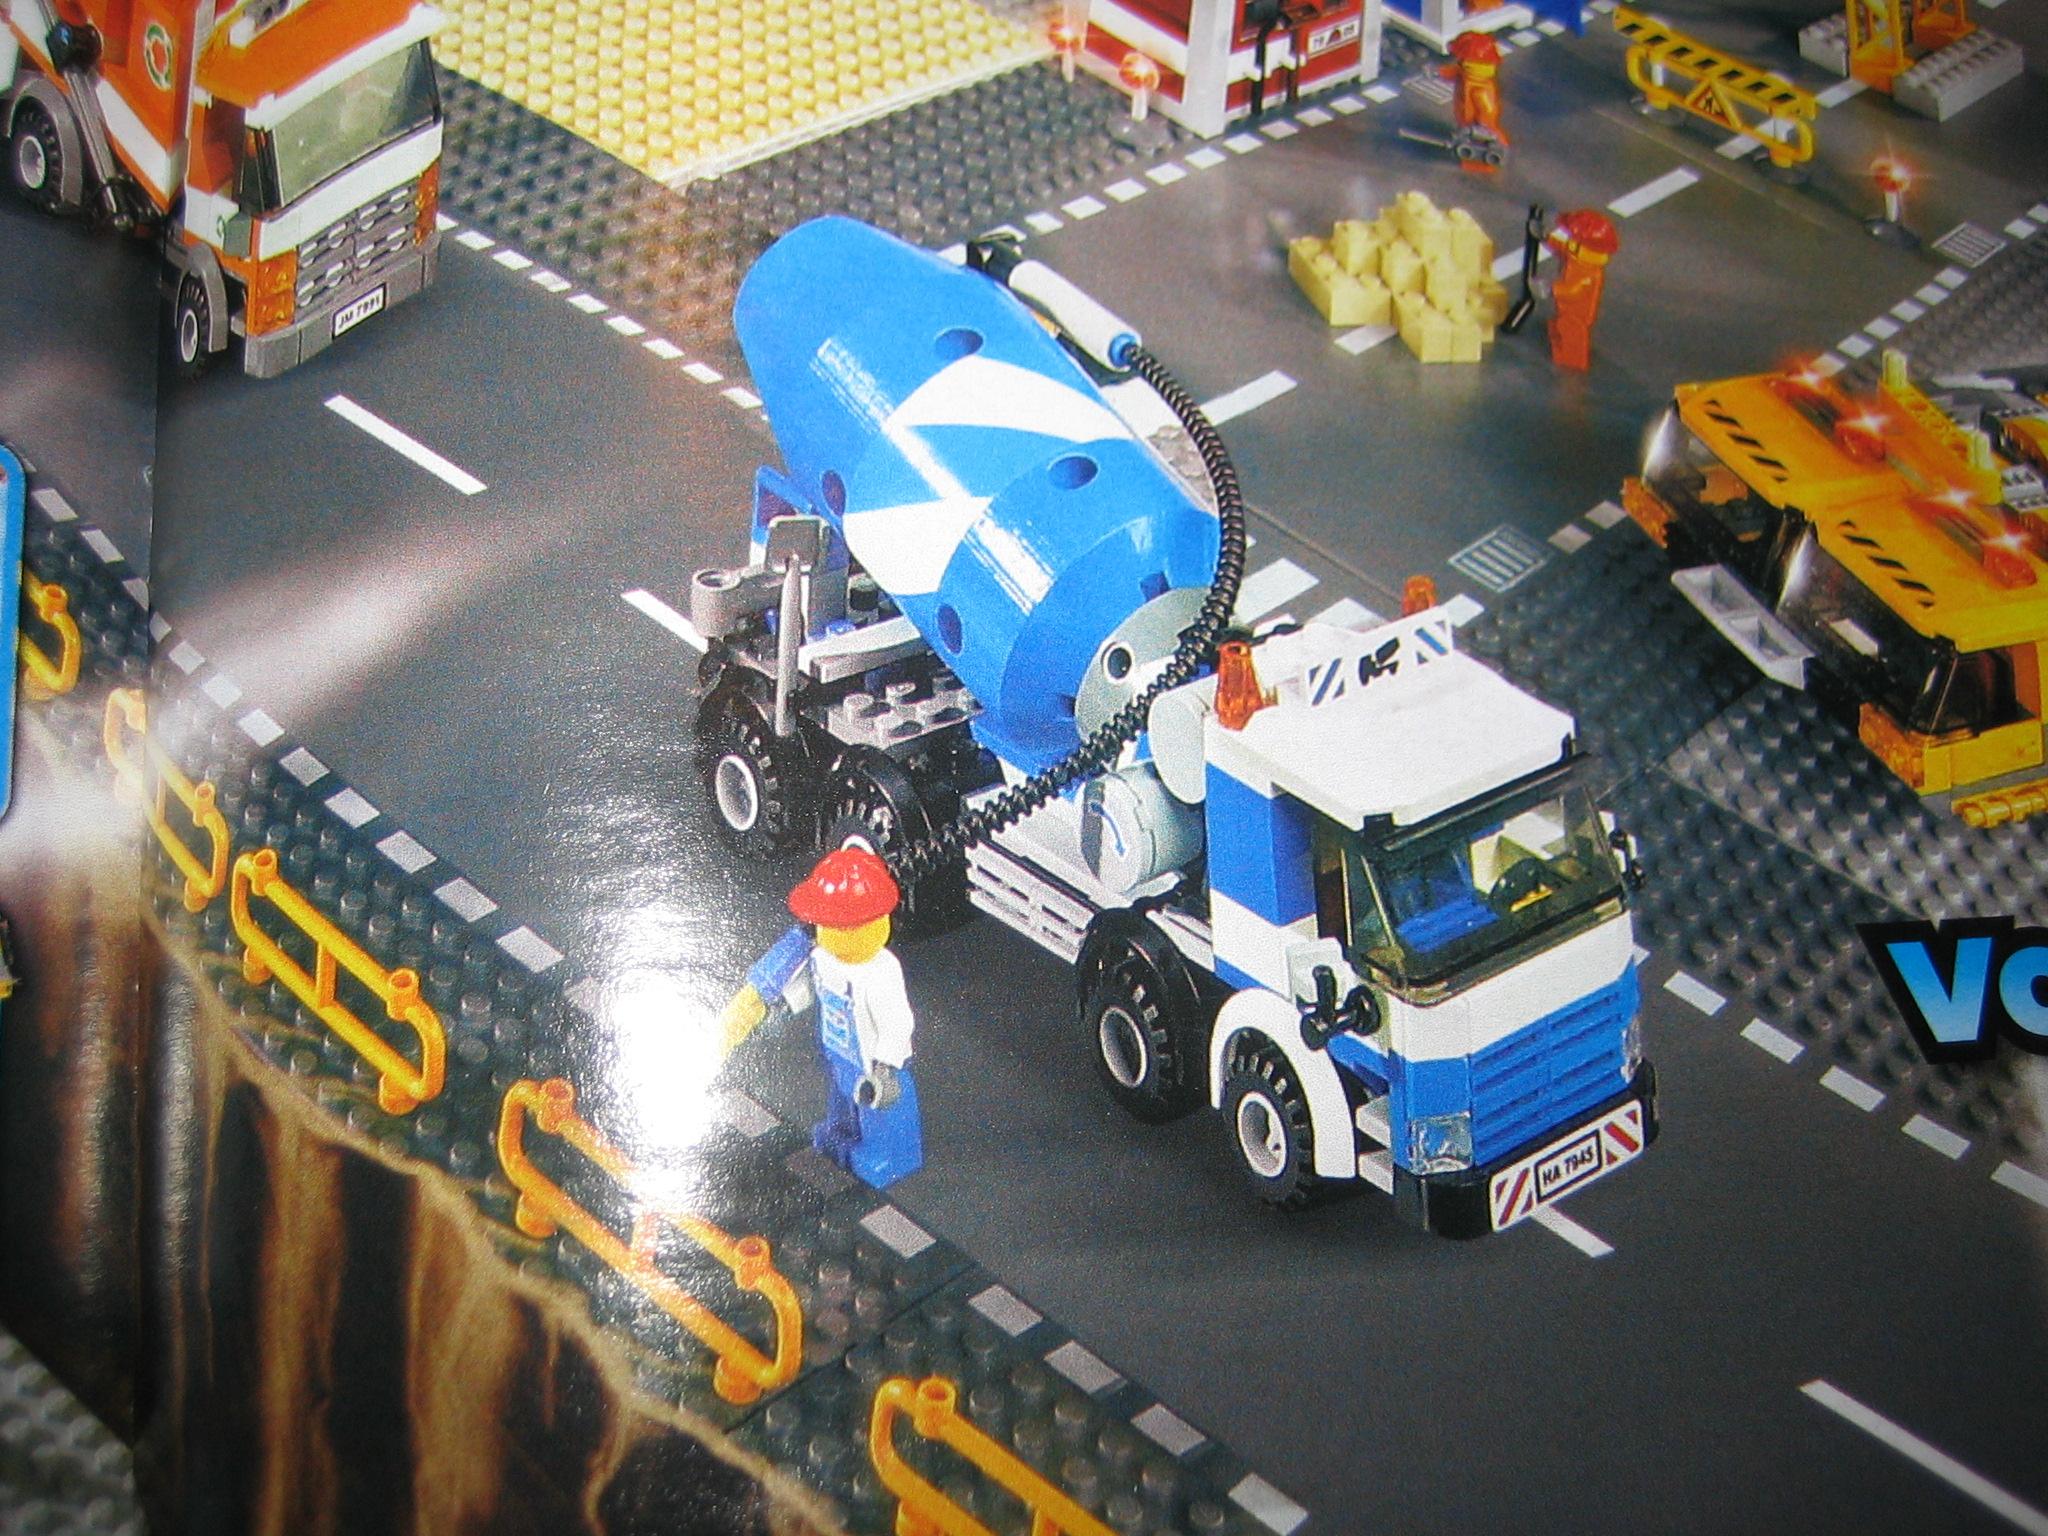 Lego city 2007 - 2a61